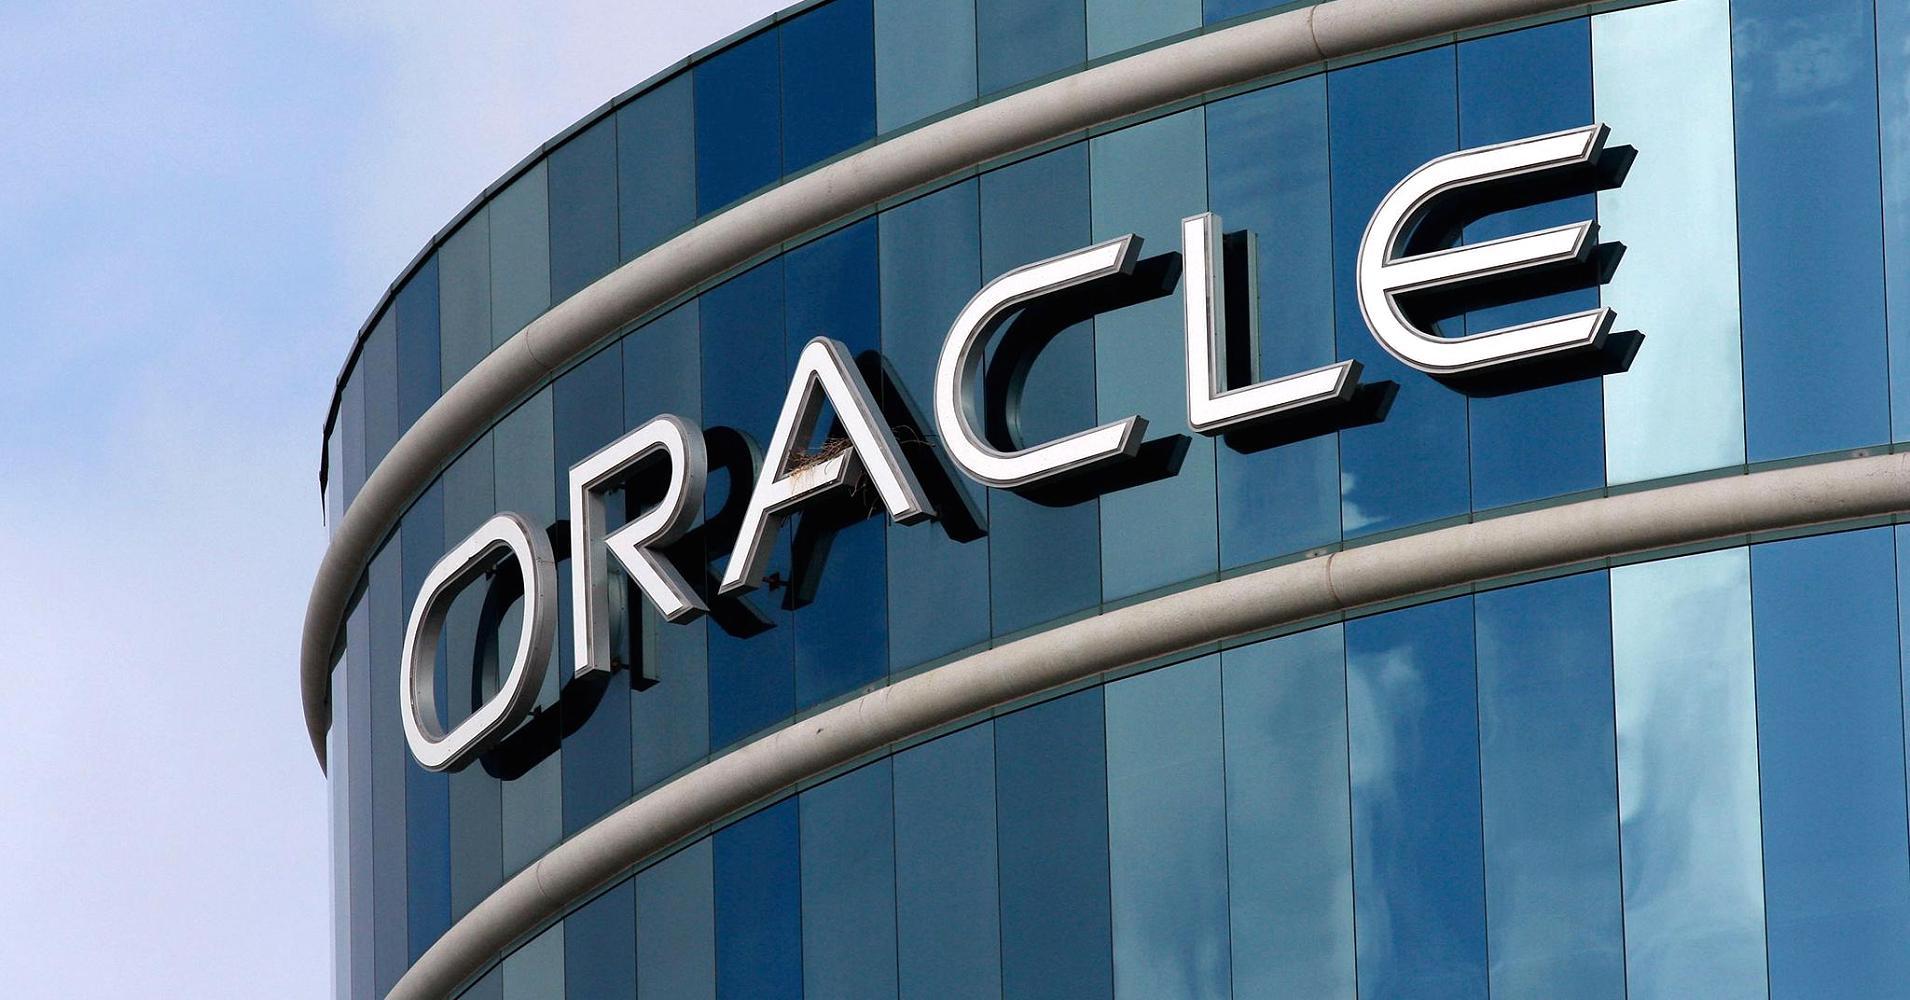 Компания Oracle выпустила экстренный патч для критических уязвимостей в продуктах PeopleSoft